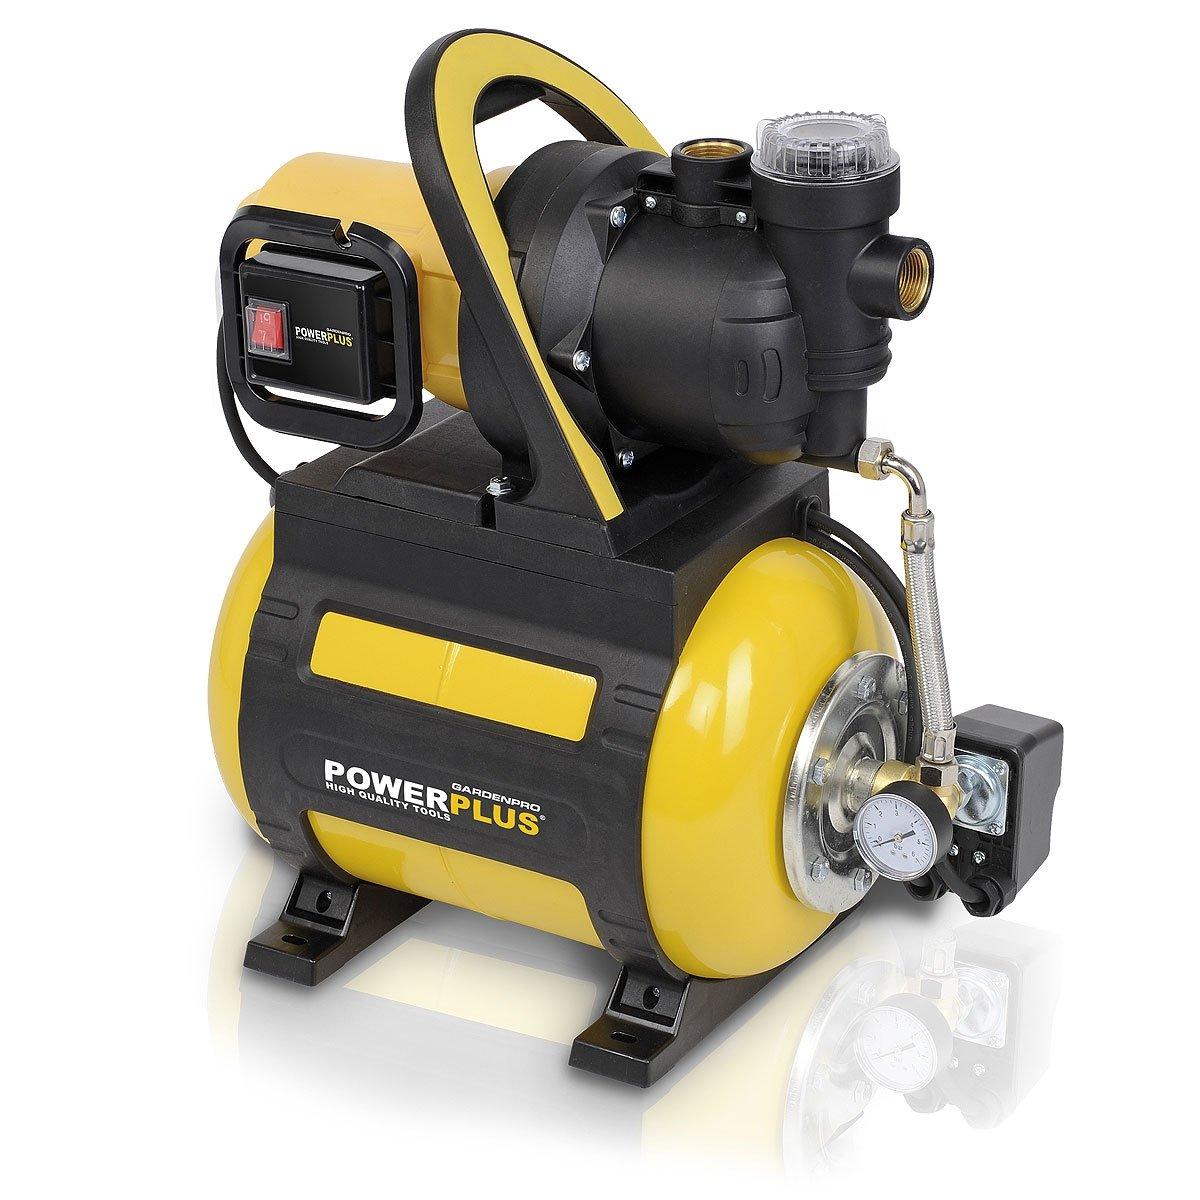 Hauswasserwerk Gartenpumpe 800W - POW XG9451